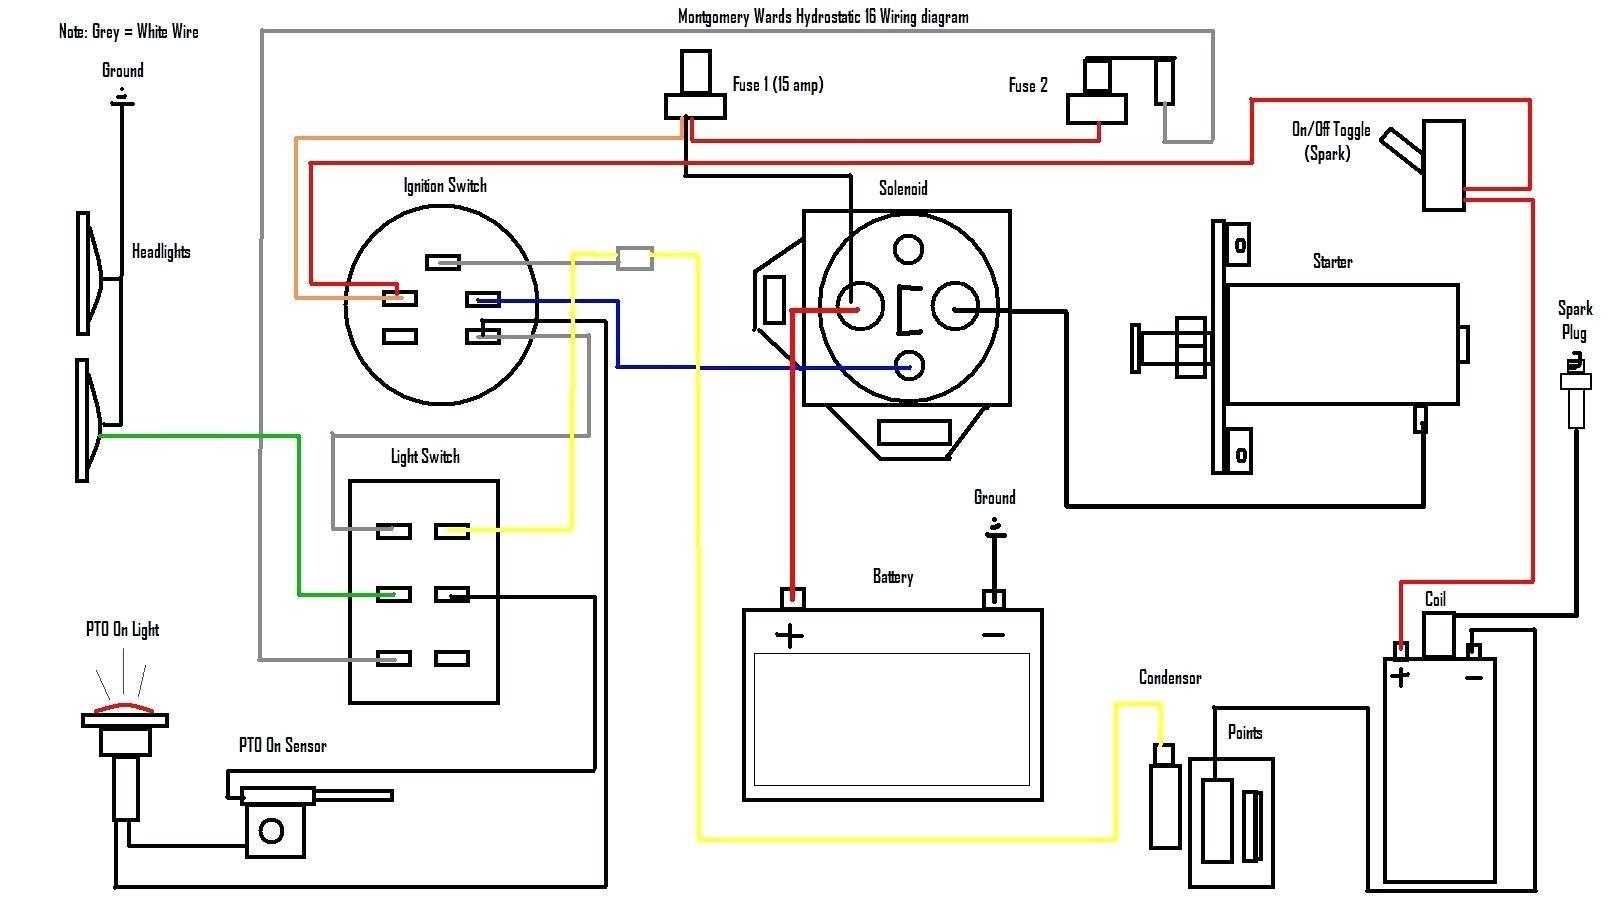 [SCHEMATICS_4US]  YM_3730] Briggs Strortton Mowers Wire Harness Diagram Wiring Diagram | Briggs Stratton Engine Wiring Diagram |  | Unho Wedab Mohammedshrine Librar Wiring 101